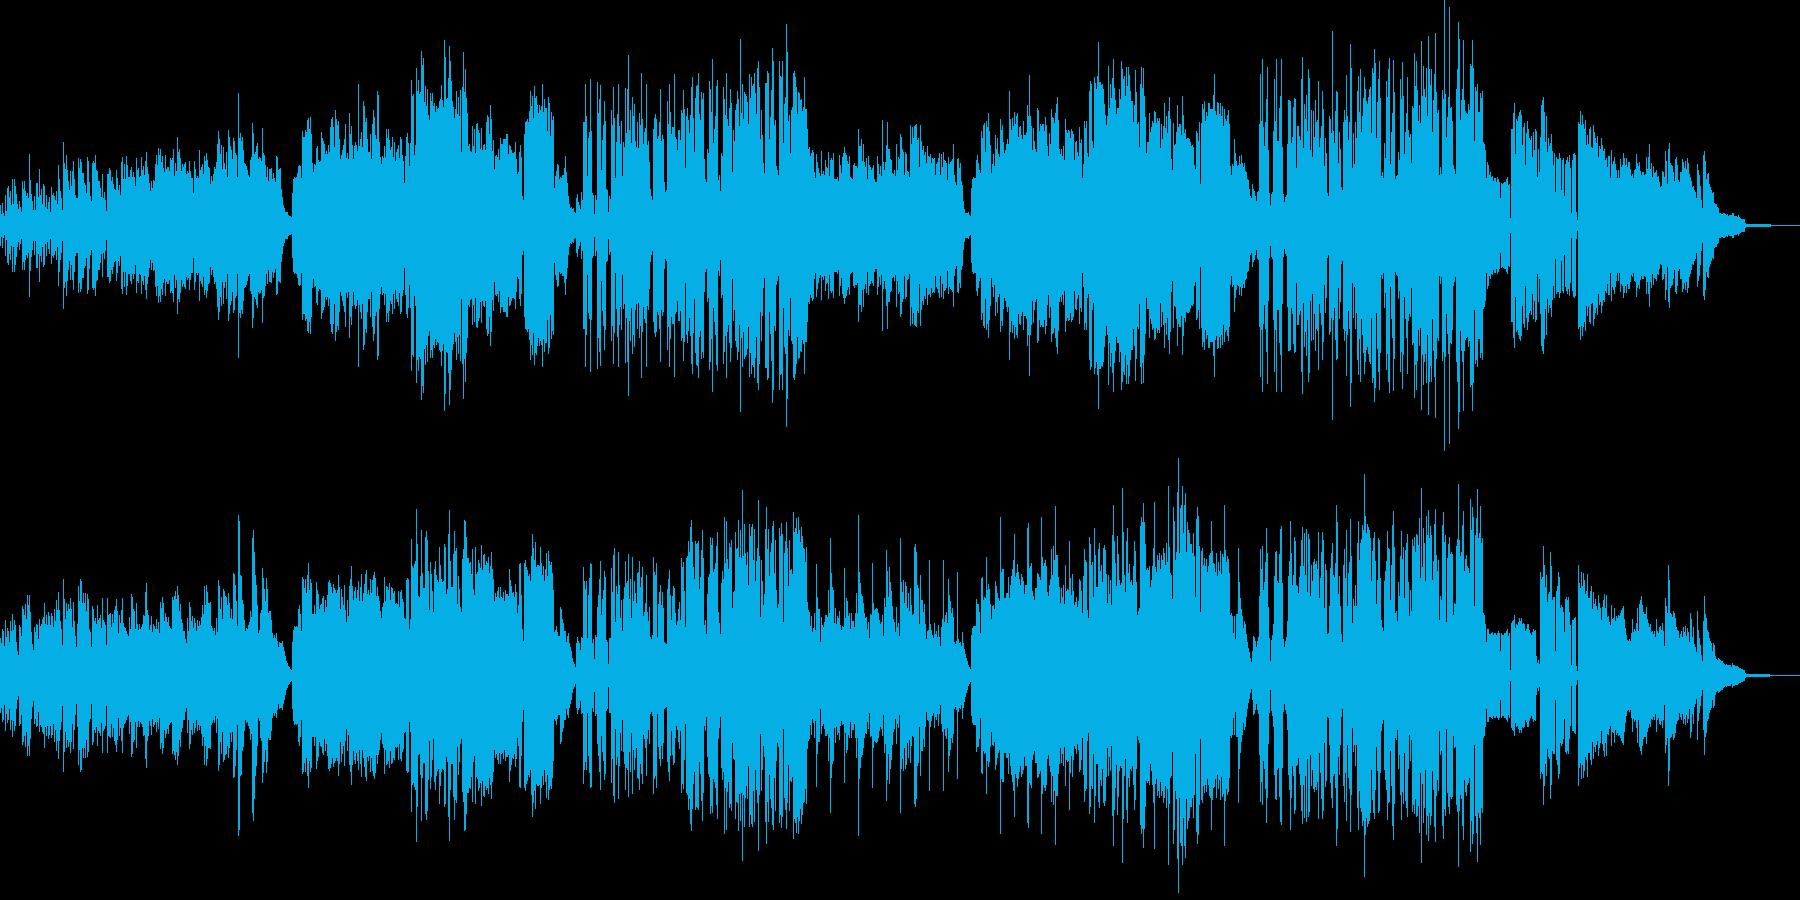 夕日が眩しい放課後の音楽授業イメージの再生済みの波形